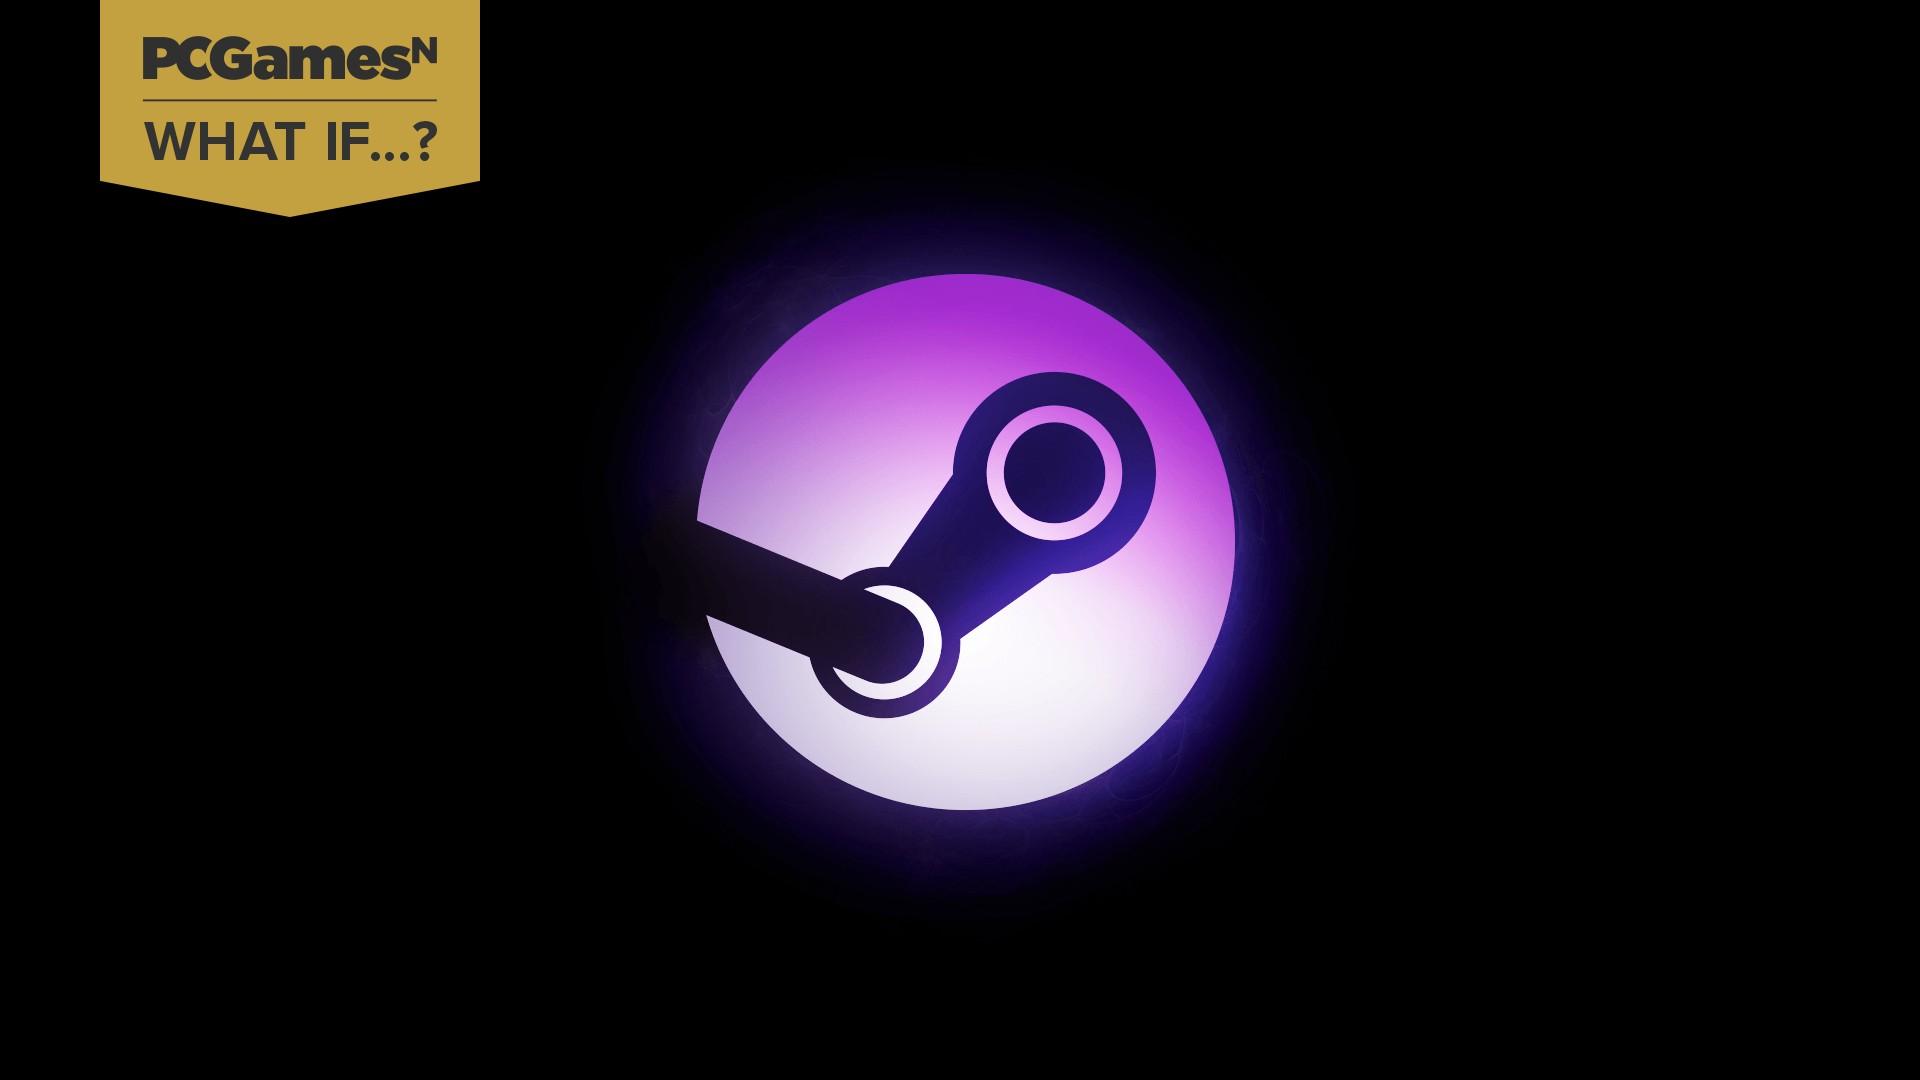 What if: Steam shut down tomorrow?